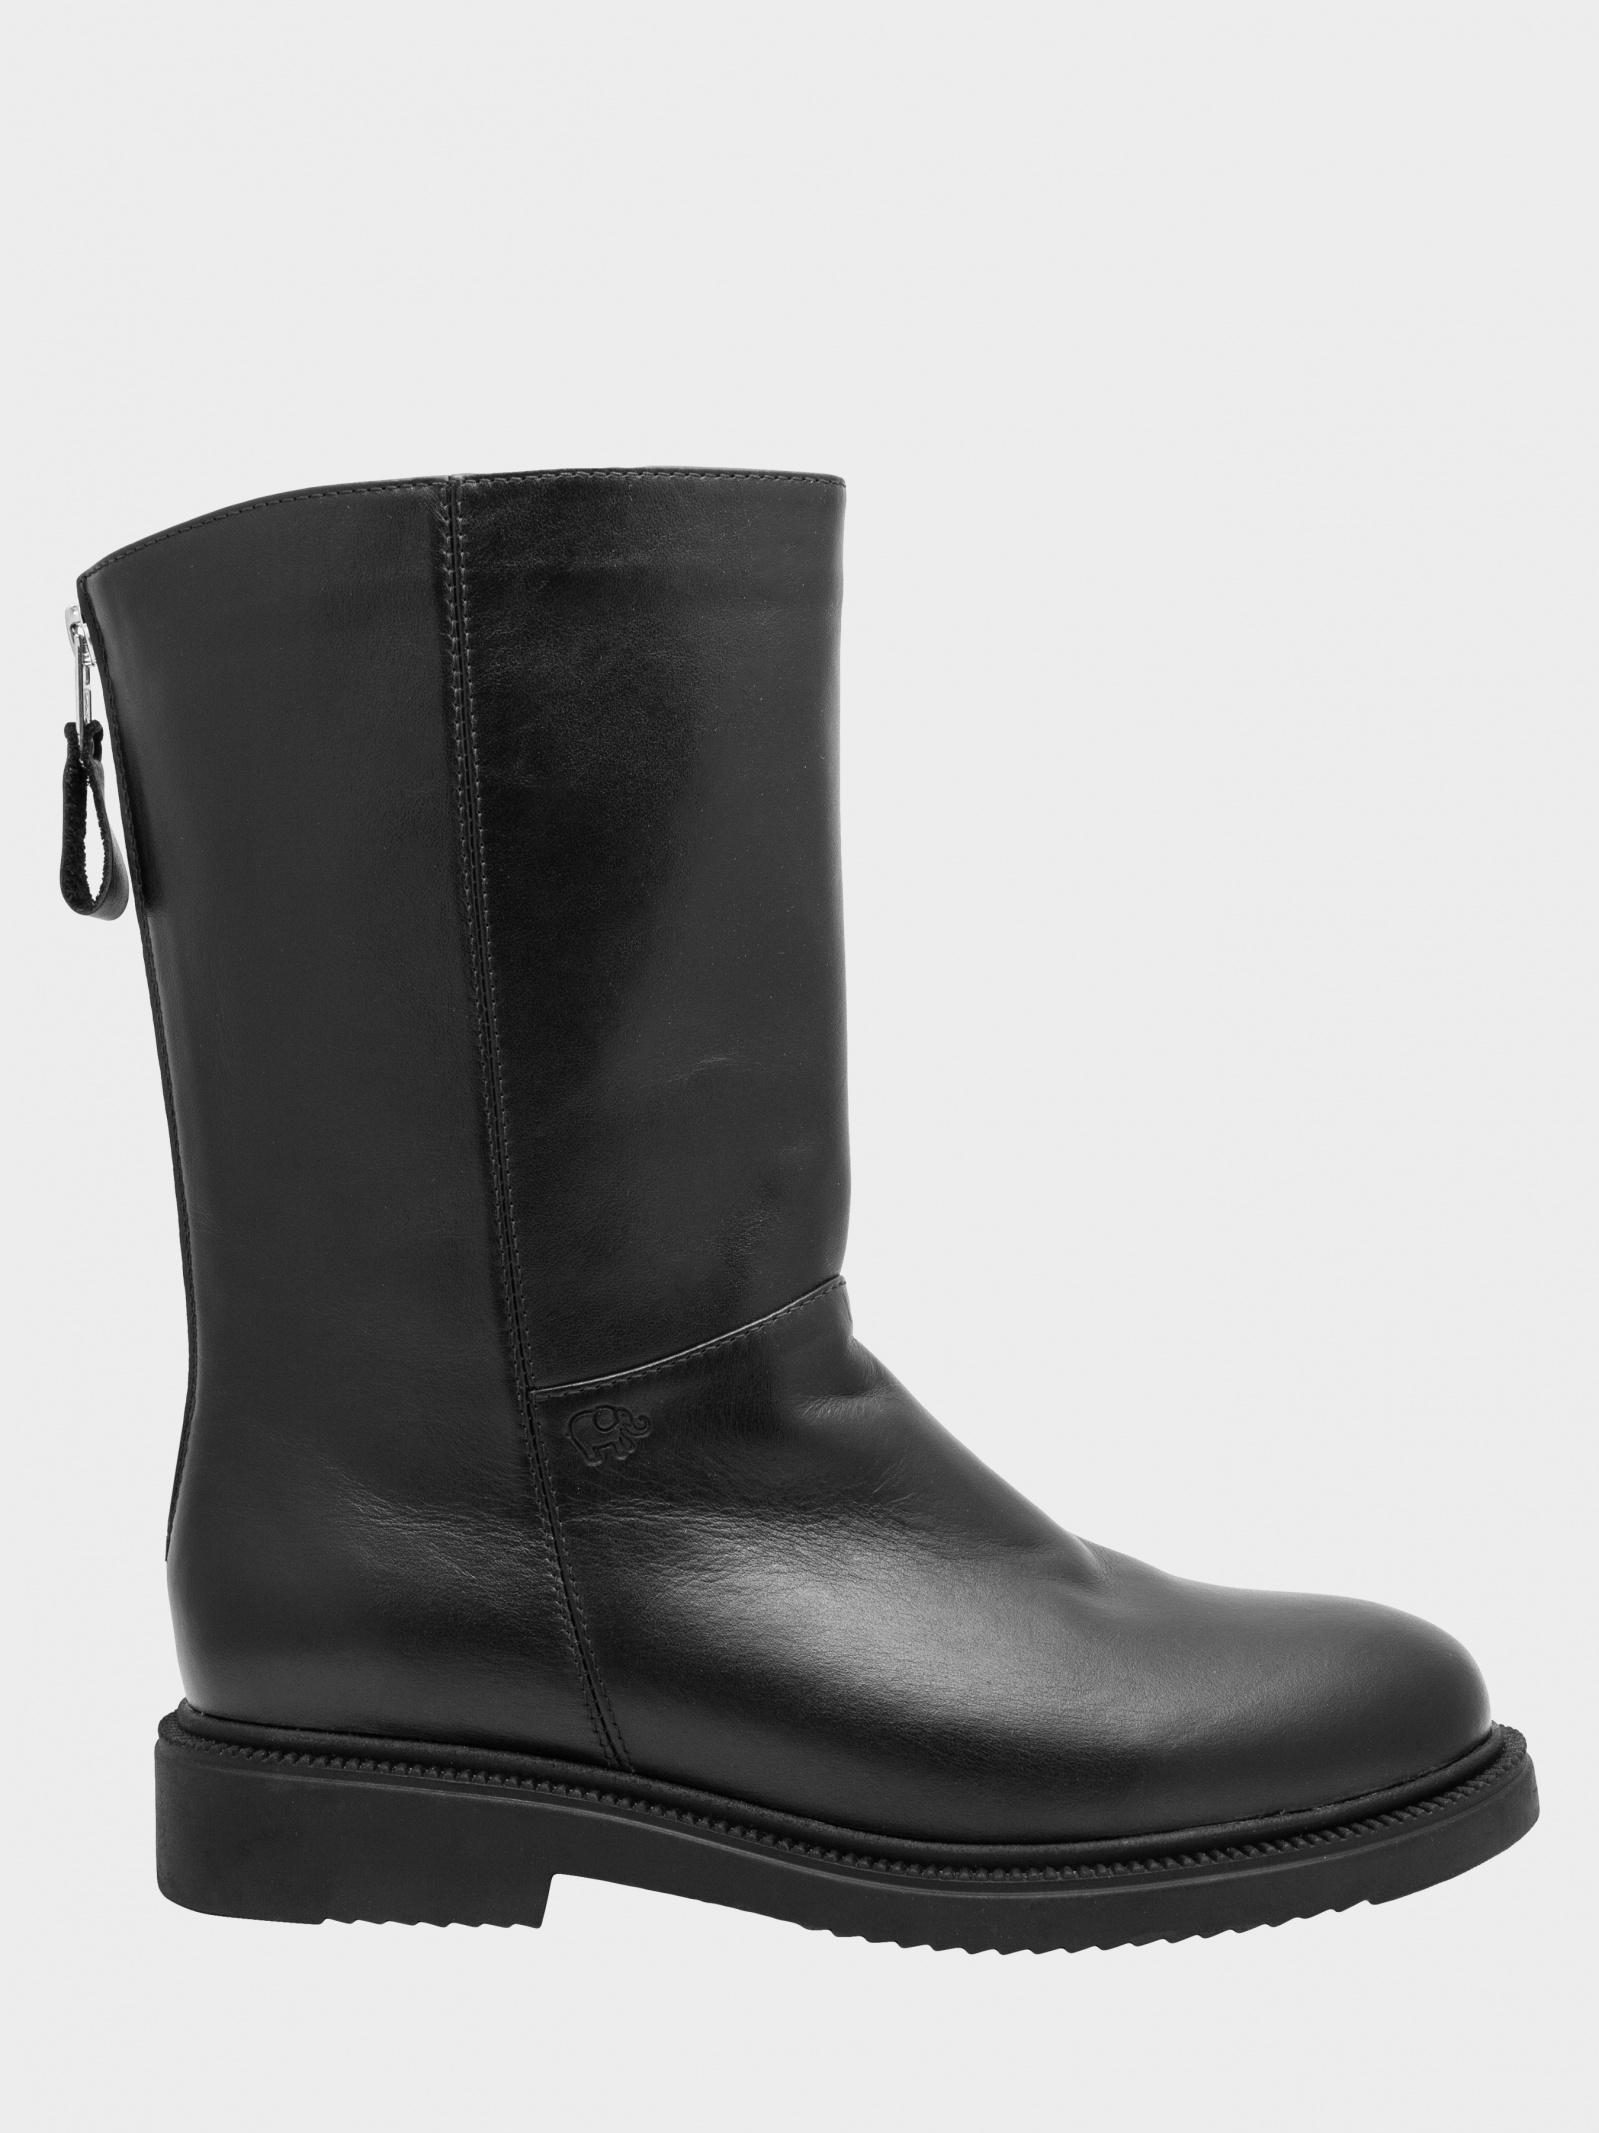 Полусапоги для женщин Сапожки женские ENZO VERRATTI 18-3264-7 брендовая обувь, 2017